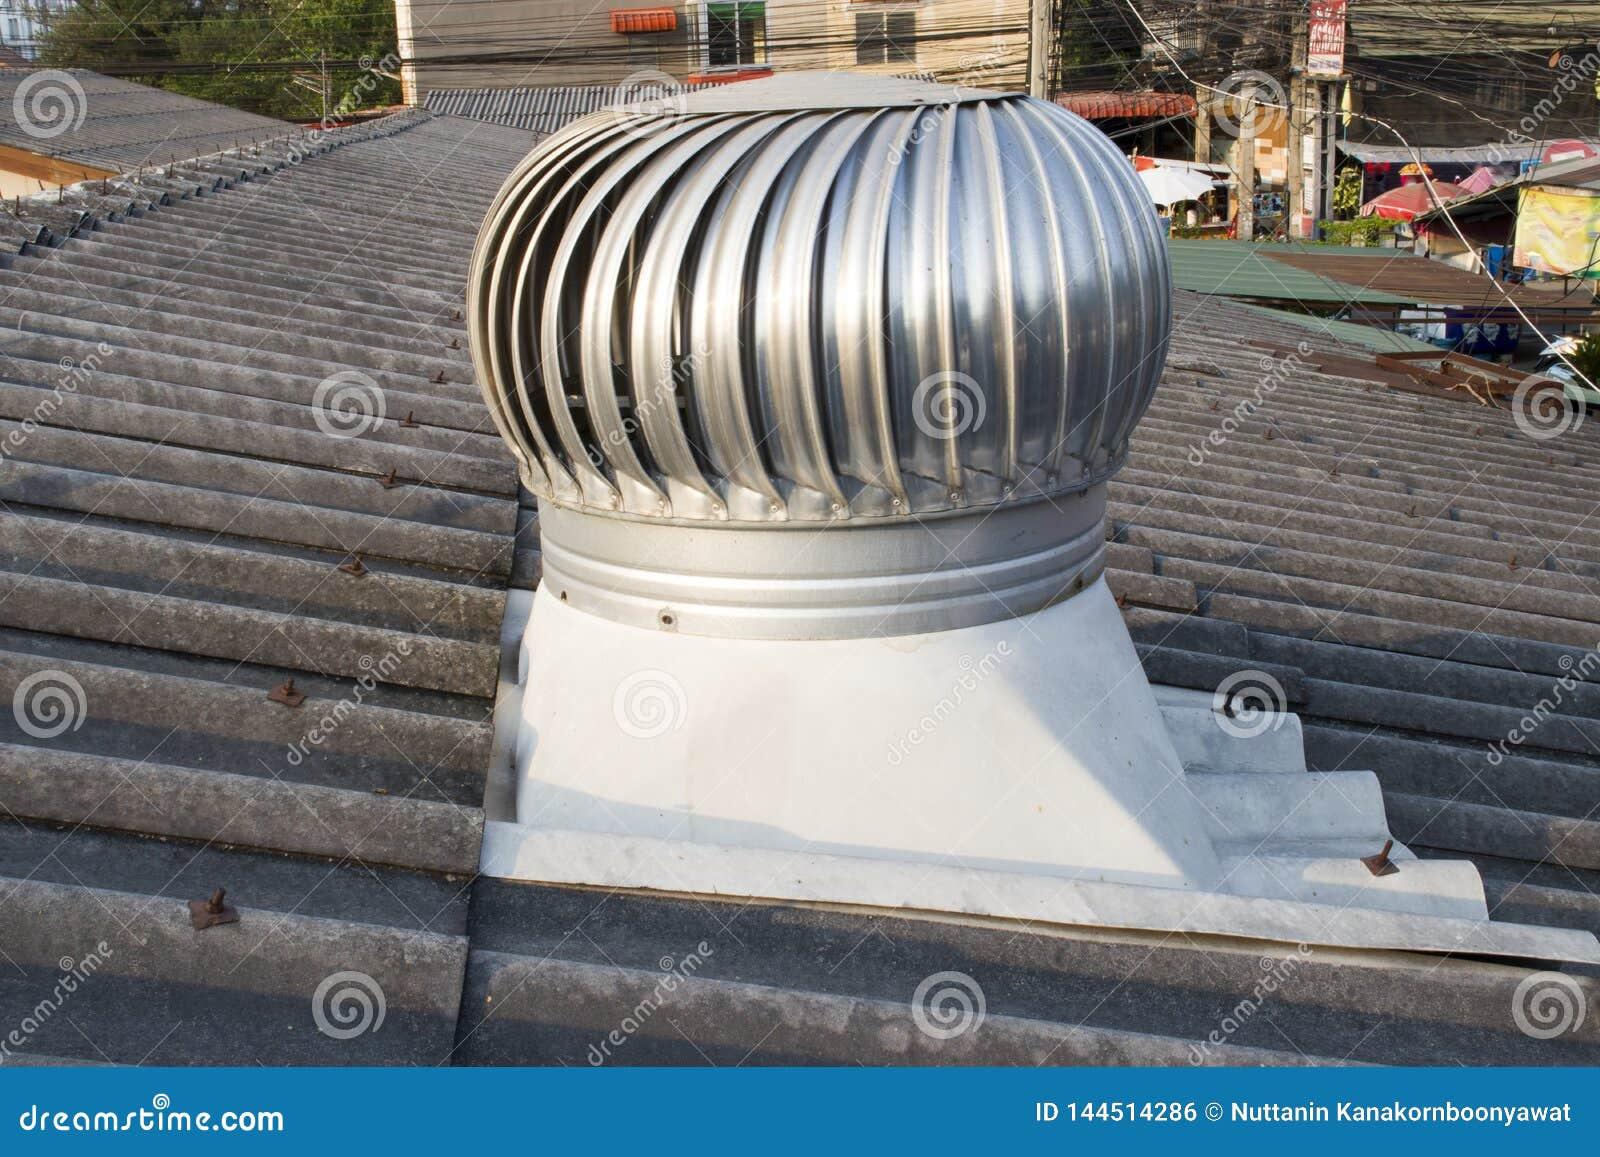 Ventilador do telhado no telhado da indústria, Chiangmai, Tailândia - 9 de maio de 2019